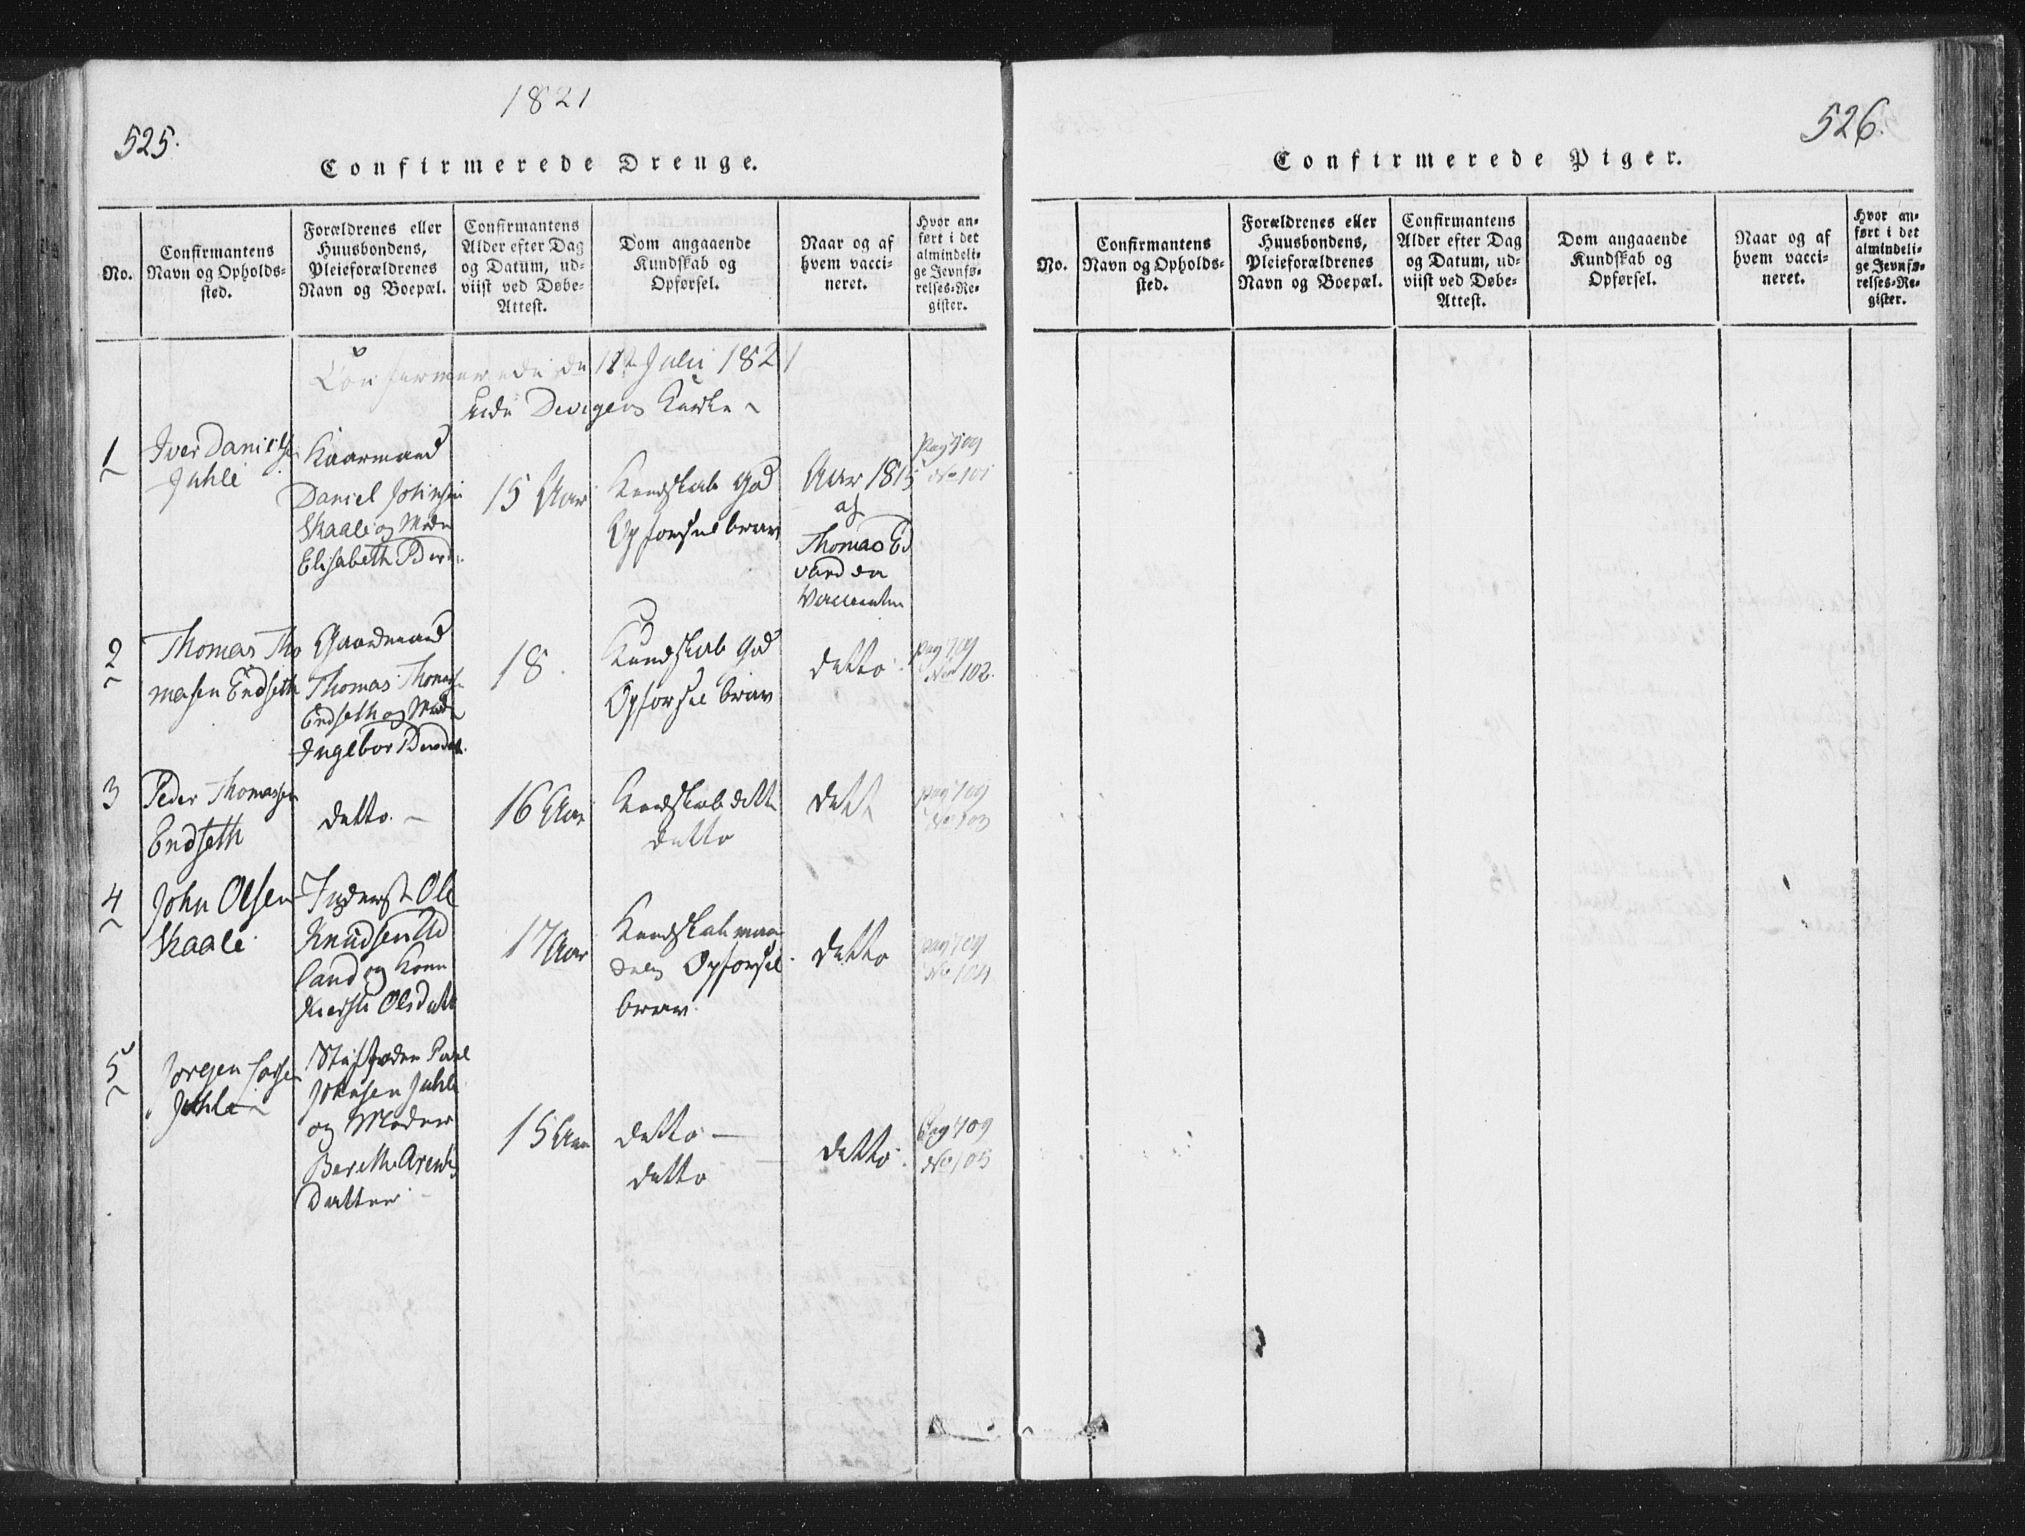 SAT, Ministerialprotokoller, klokkerbøker og fødselsregistre - Nord-Trøndelag, 755/L0491: Ministerialbok nr. 755A01 /2, 1817-1864, s. 525-526